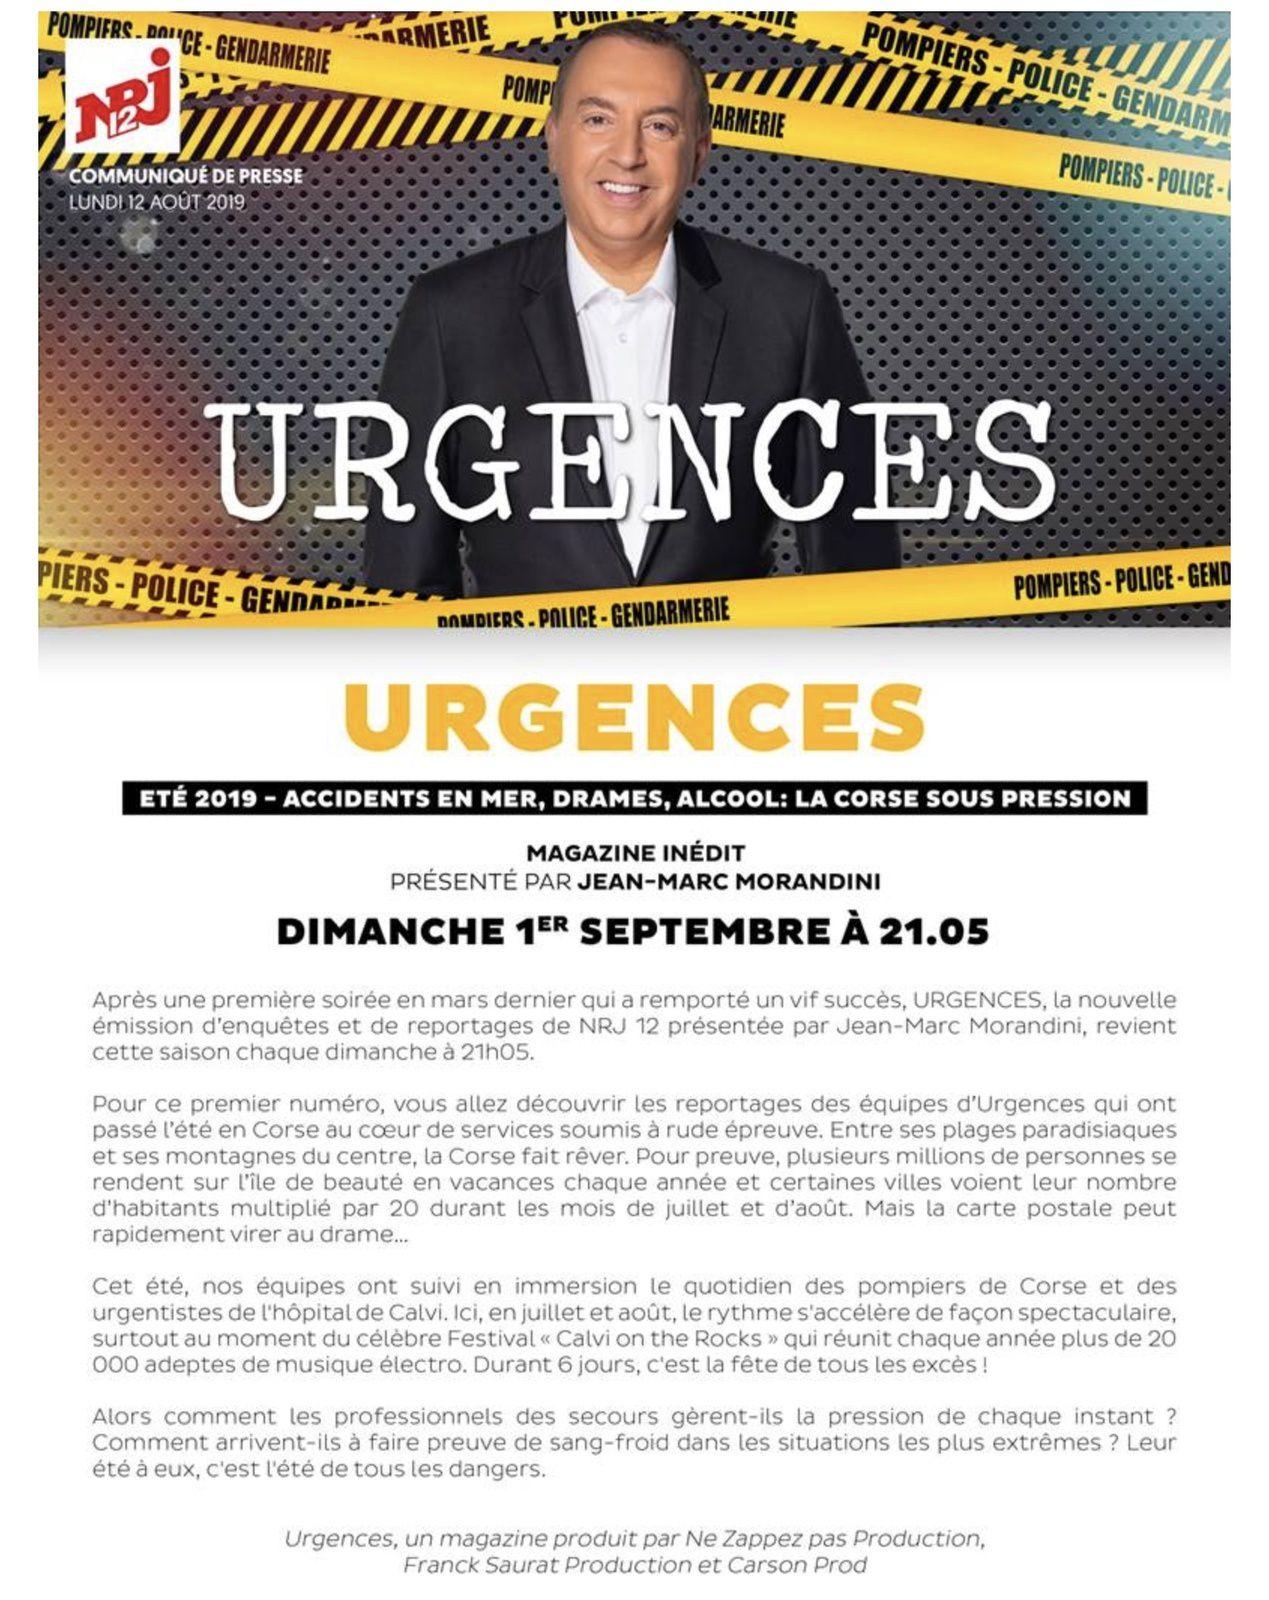 Nouvelle saison d'Urgences, programme présenté par Morandini, dès le 1er septembre sur NRJ12.